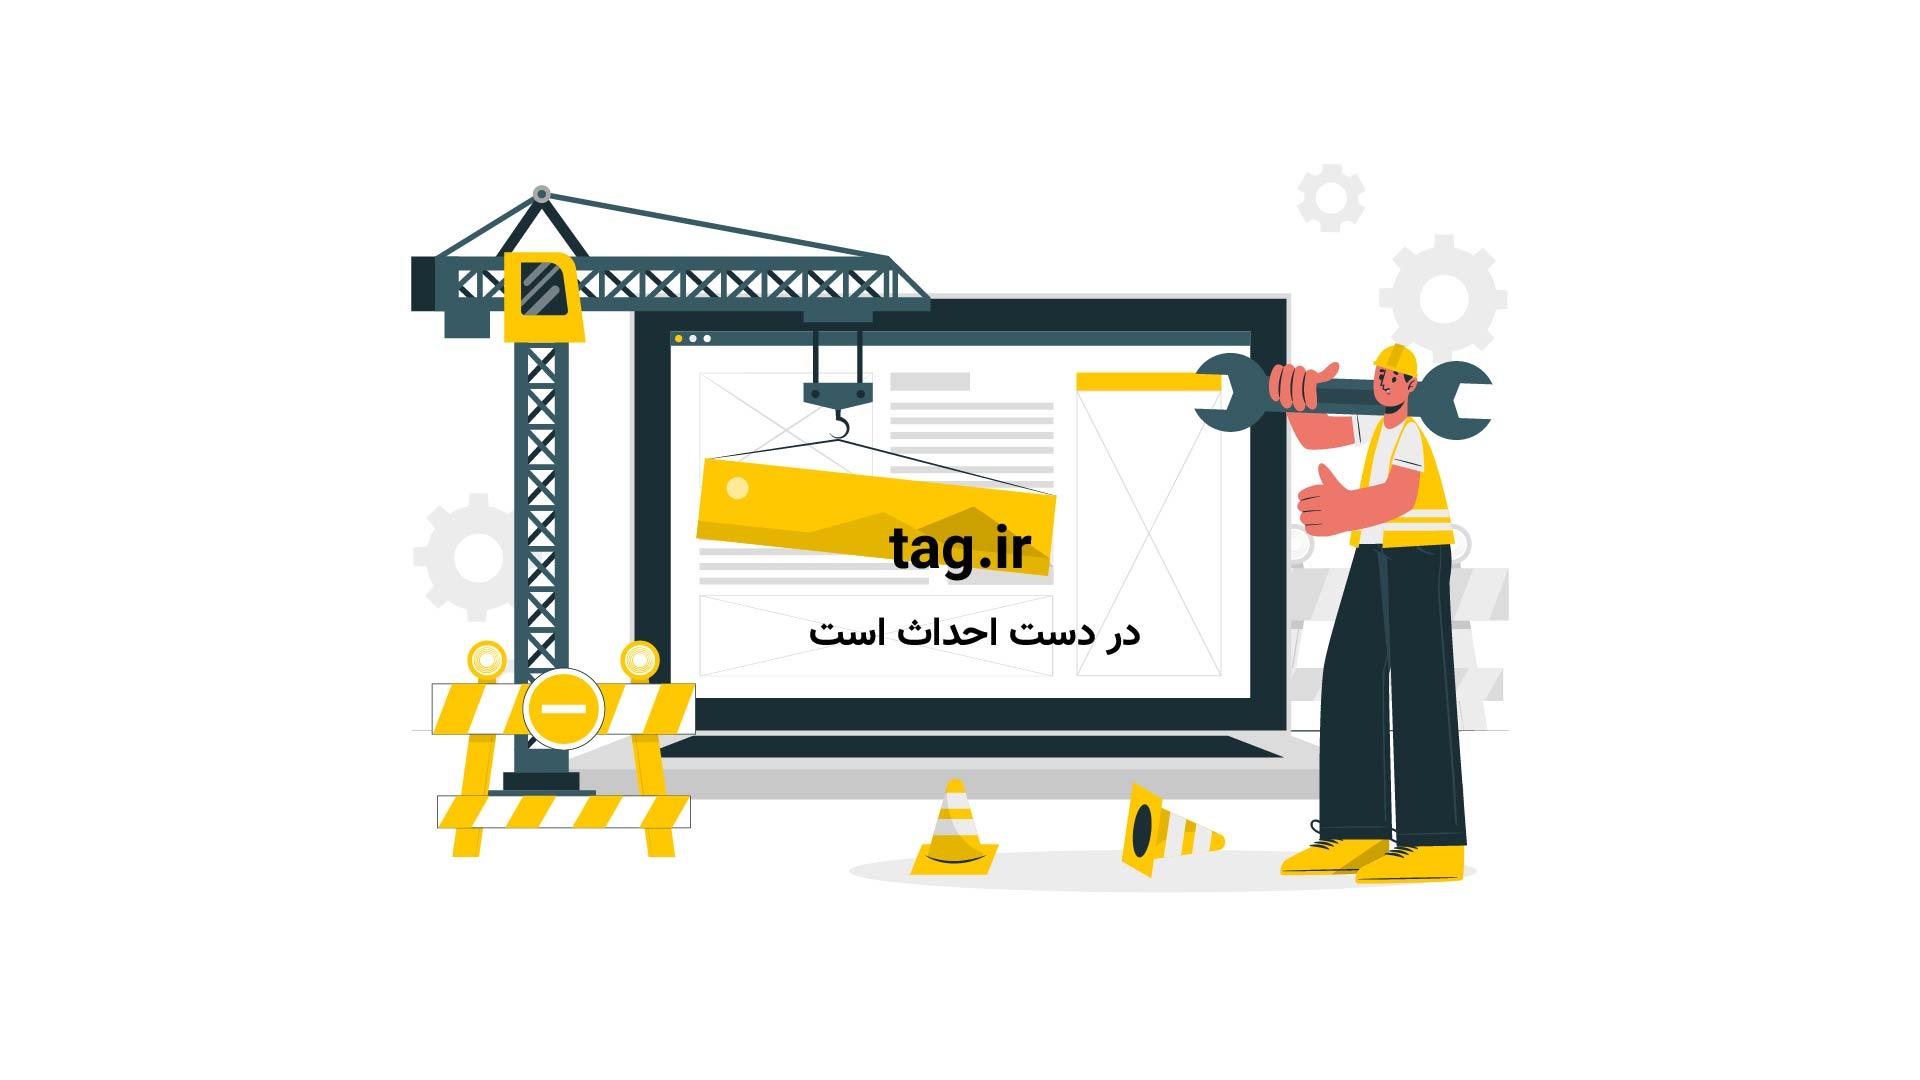 کندوی اتوماتیک که برداشت عسل را آسان می کند | فیلم